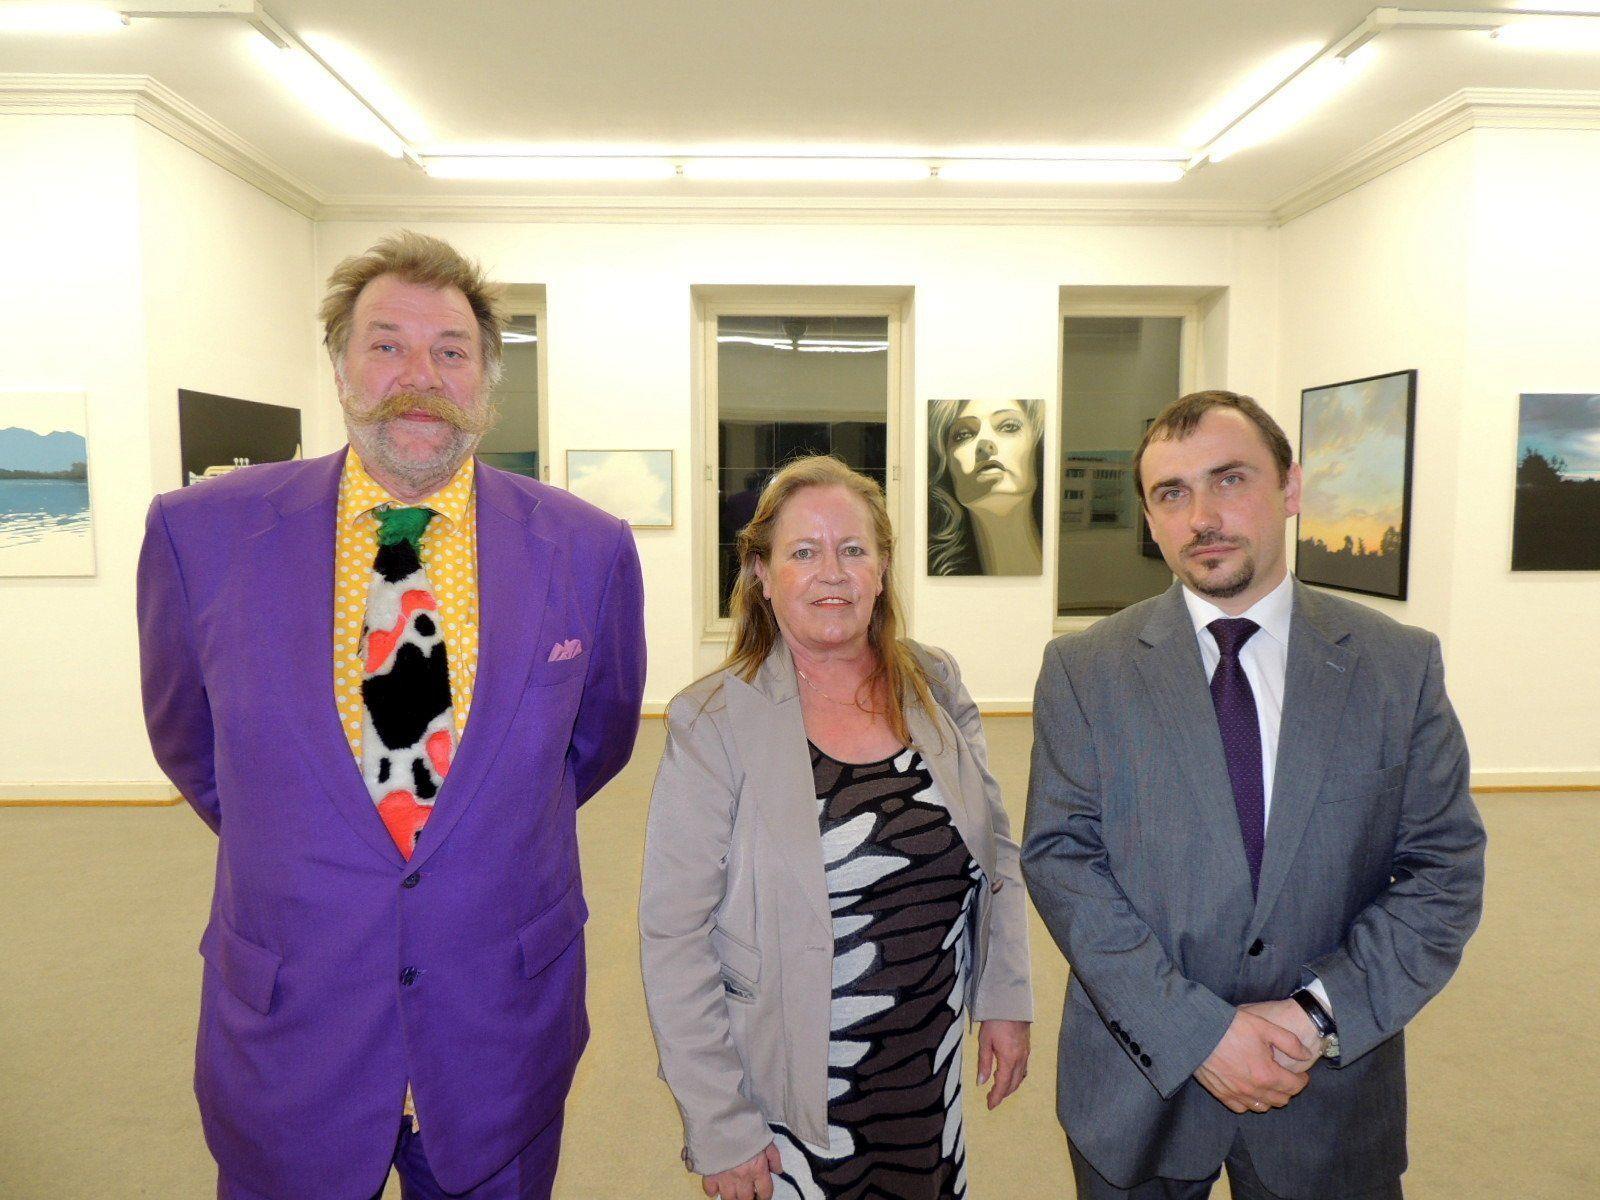 Präsident der Künstlervereinigung Willi Meusburger, Honorarkonsul Marianne Mathis und Botschaftsrat Andrei Yaroshkin organisierten die Teilnahme junger russischer Videokünstler